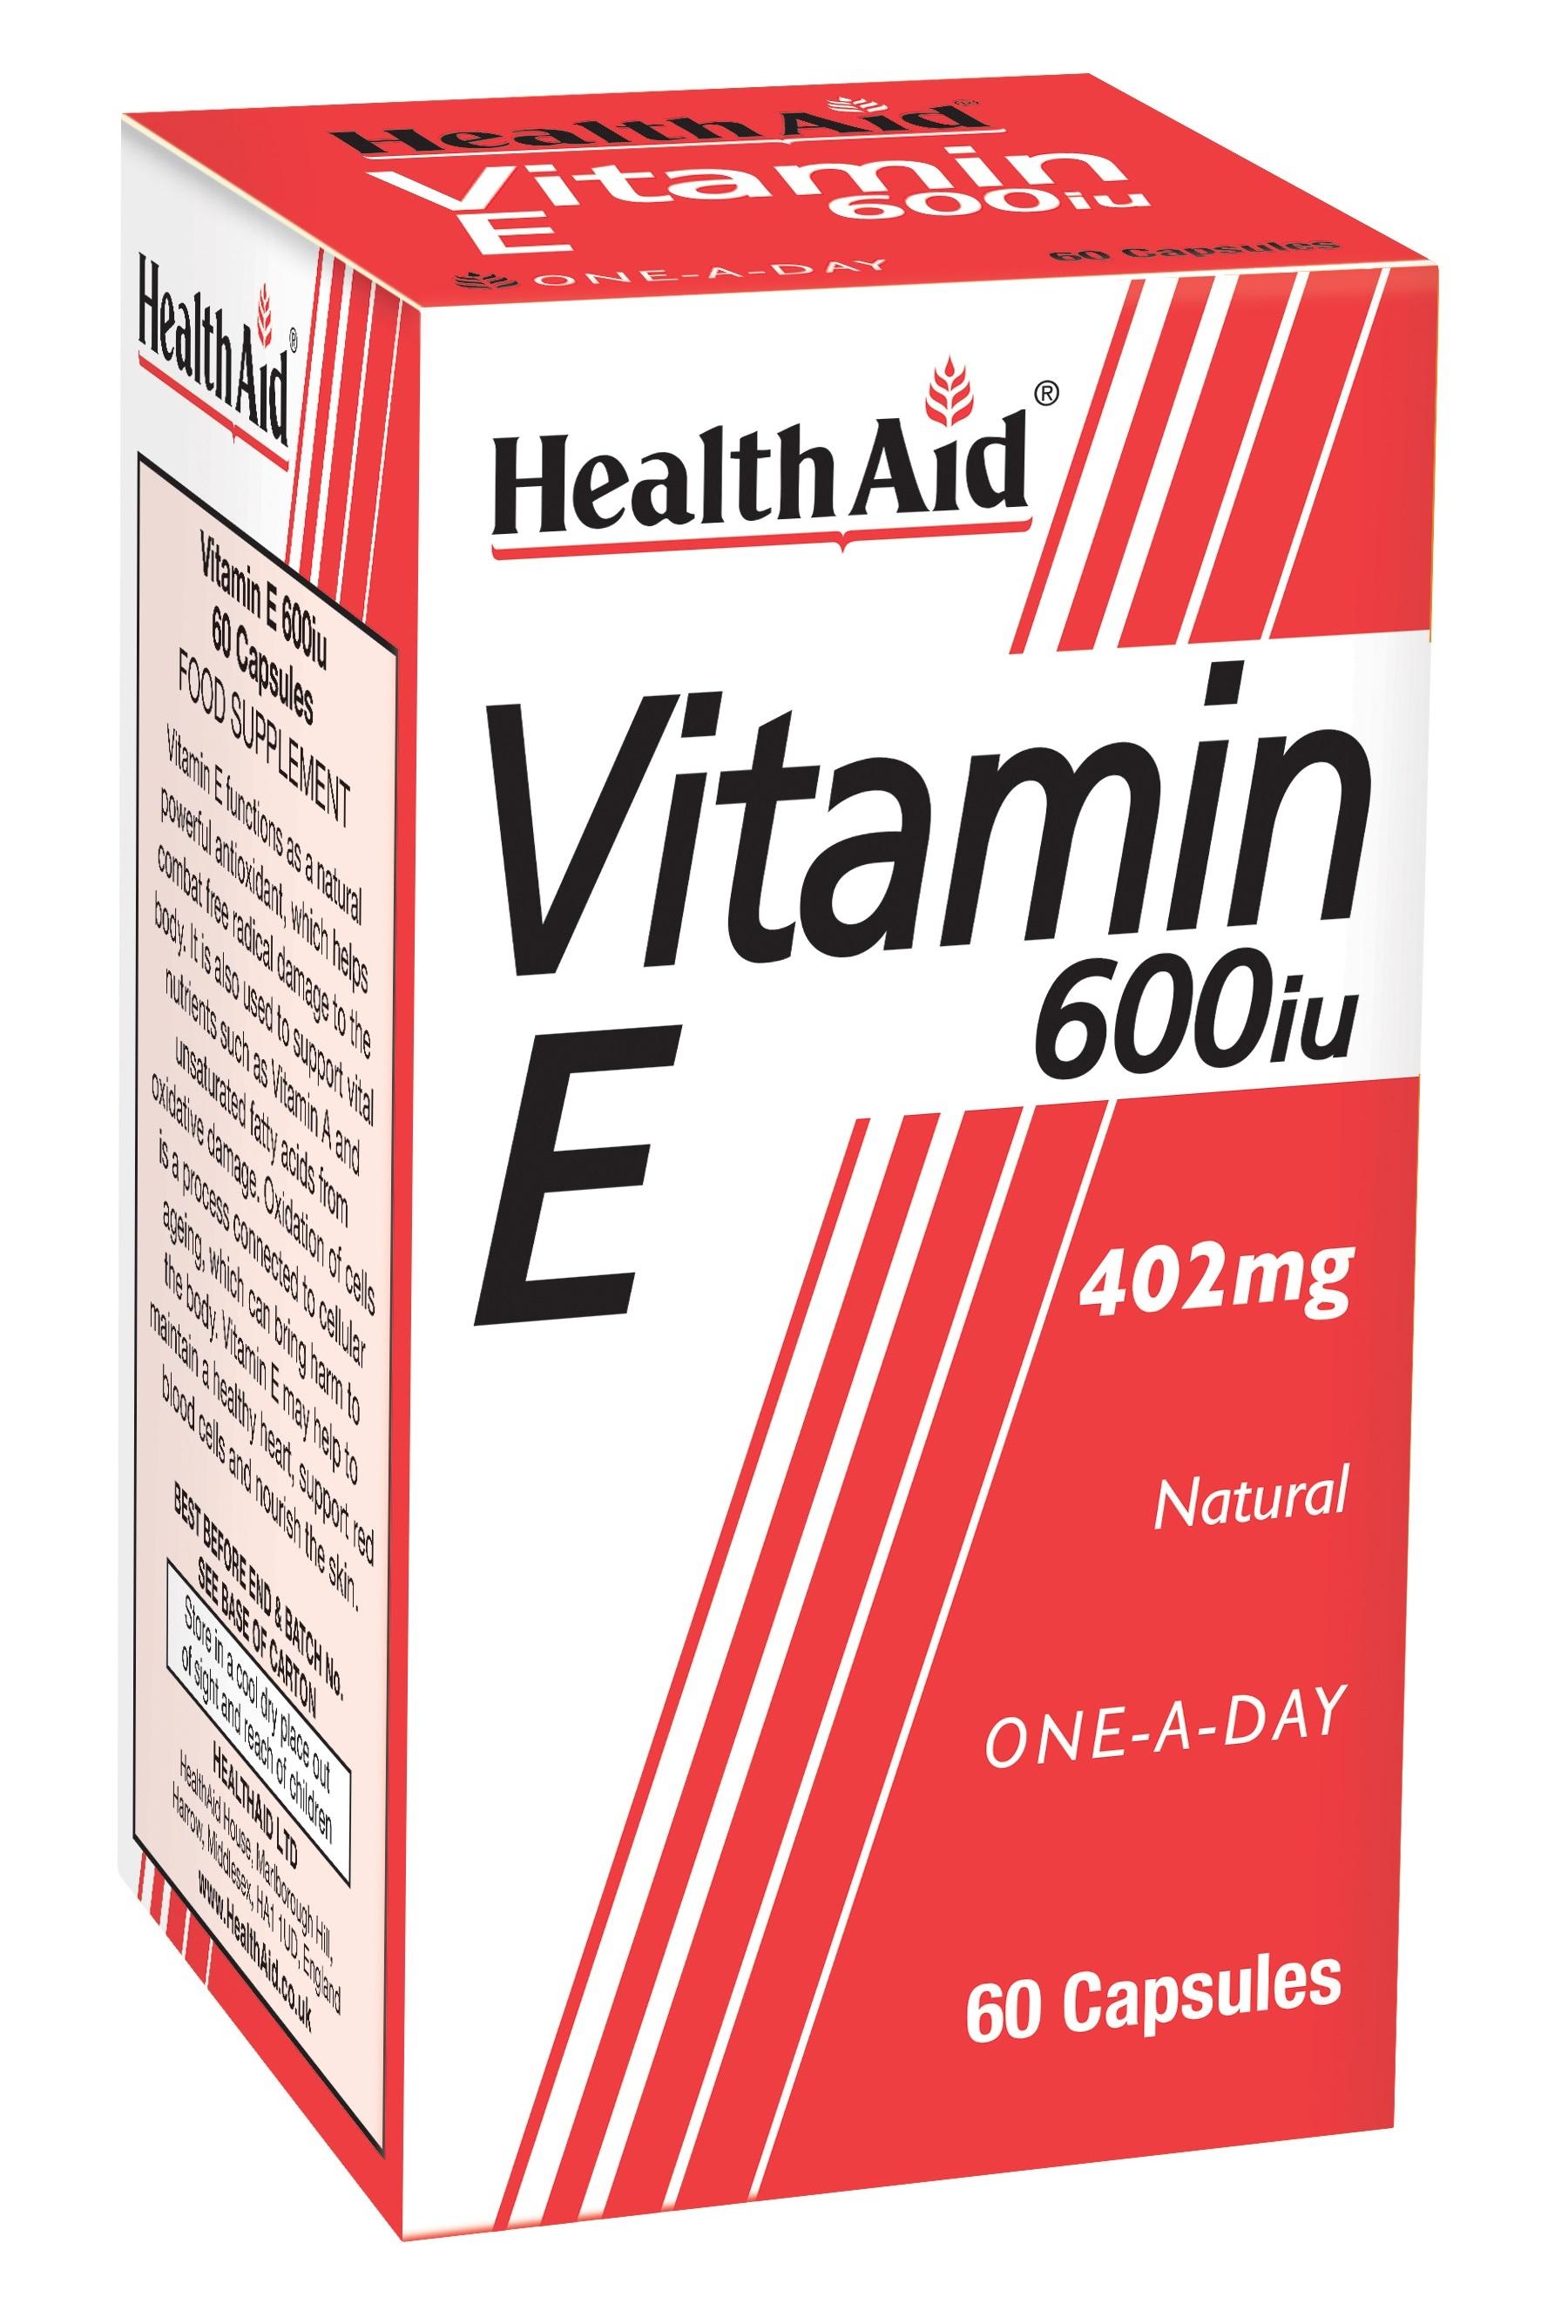 Vitamin E 600iu 60's